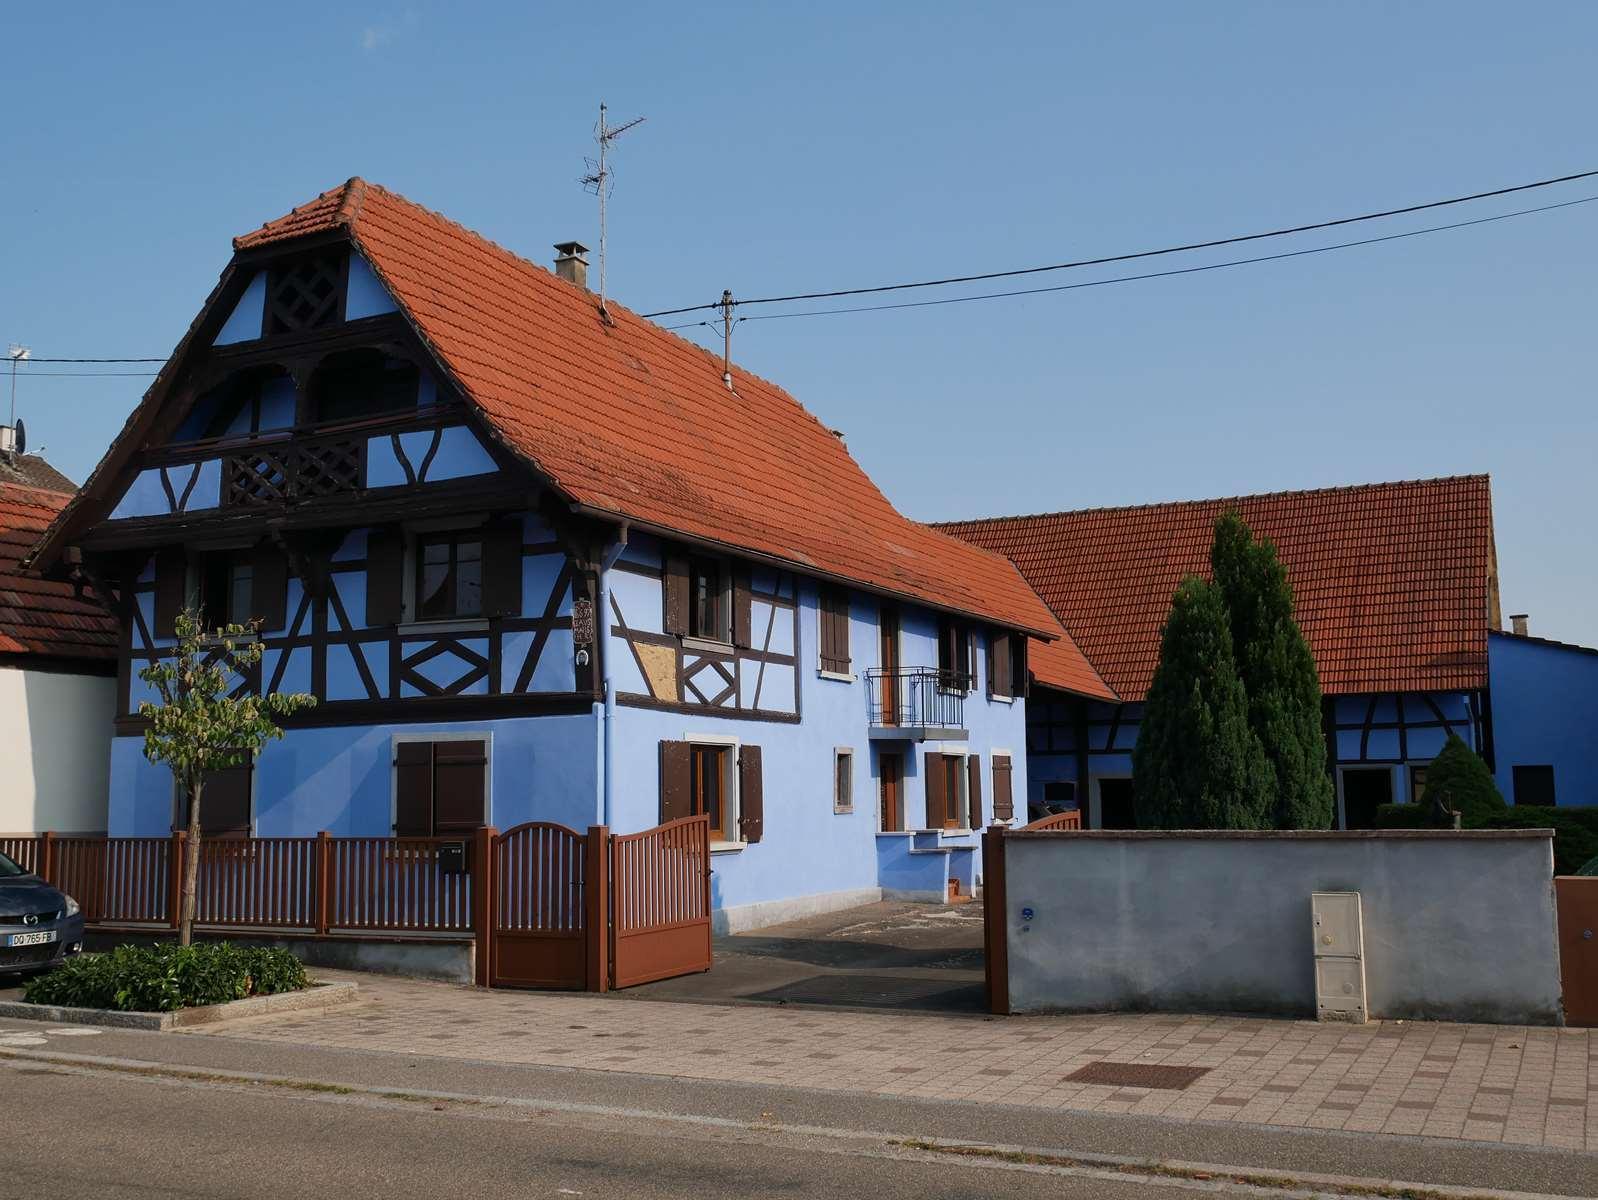 [Farmer] Une superbe maison alsacienne dans un corps de ferme - Weyersheim - nos ventes - Beausite Immobilier 1